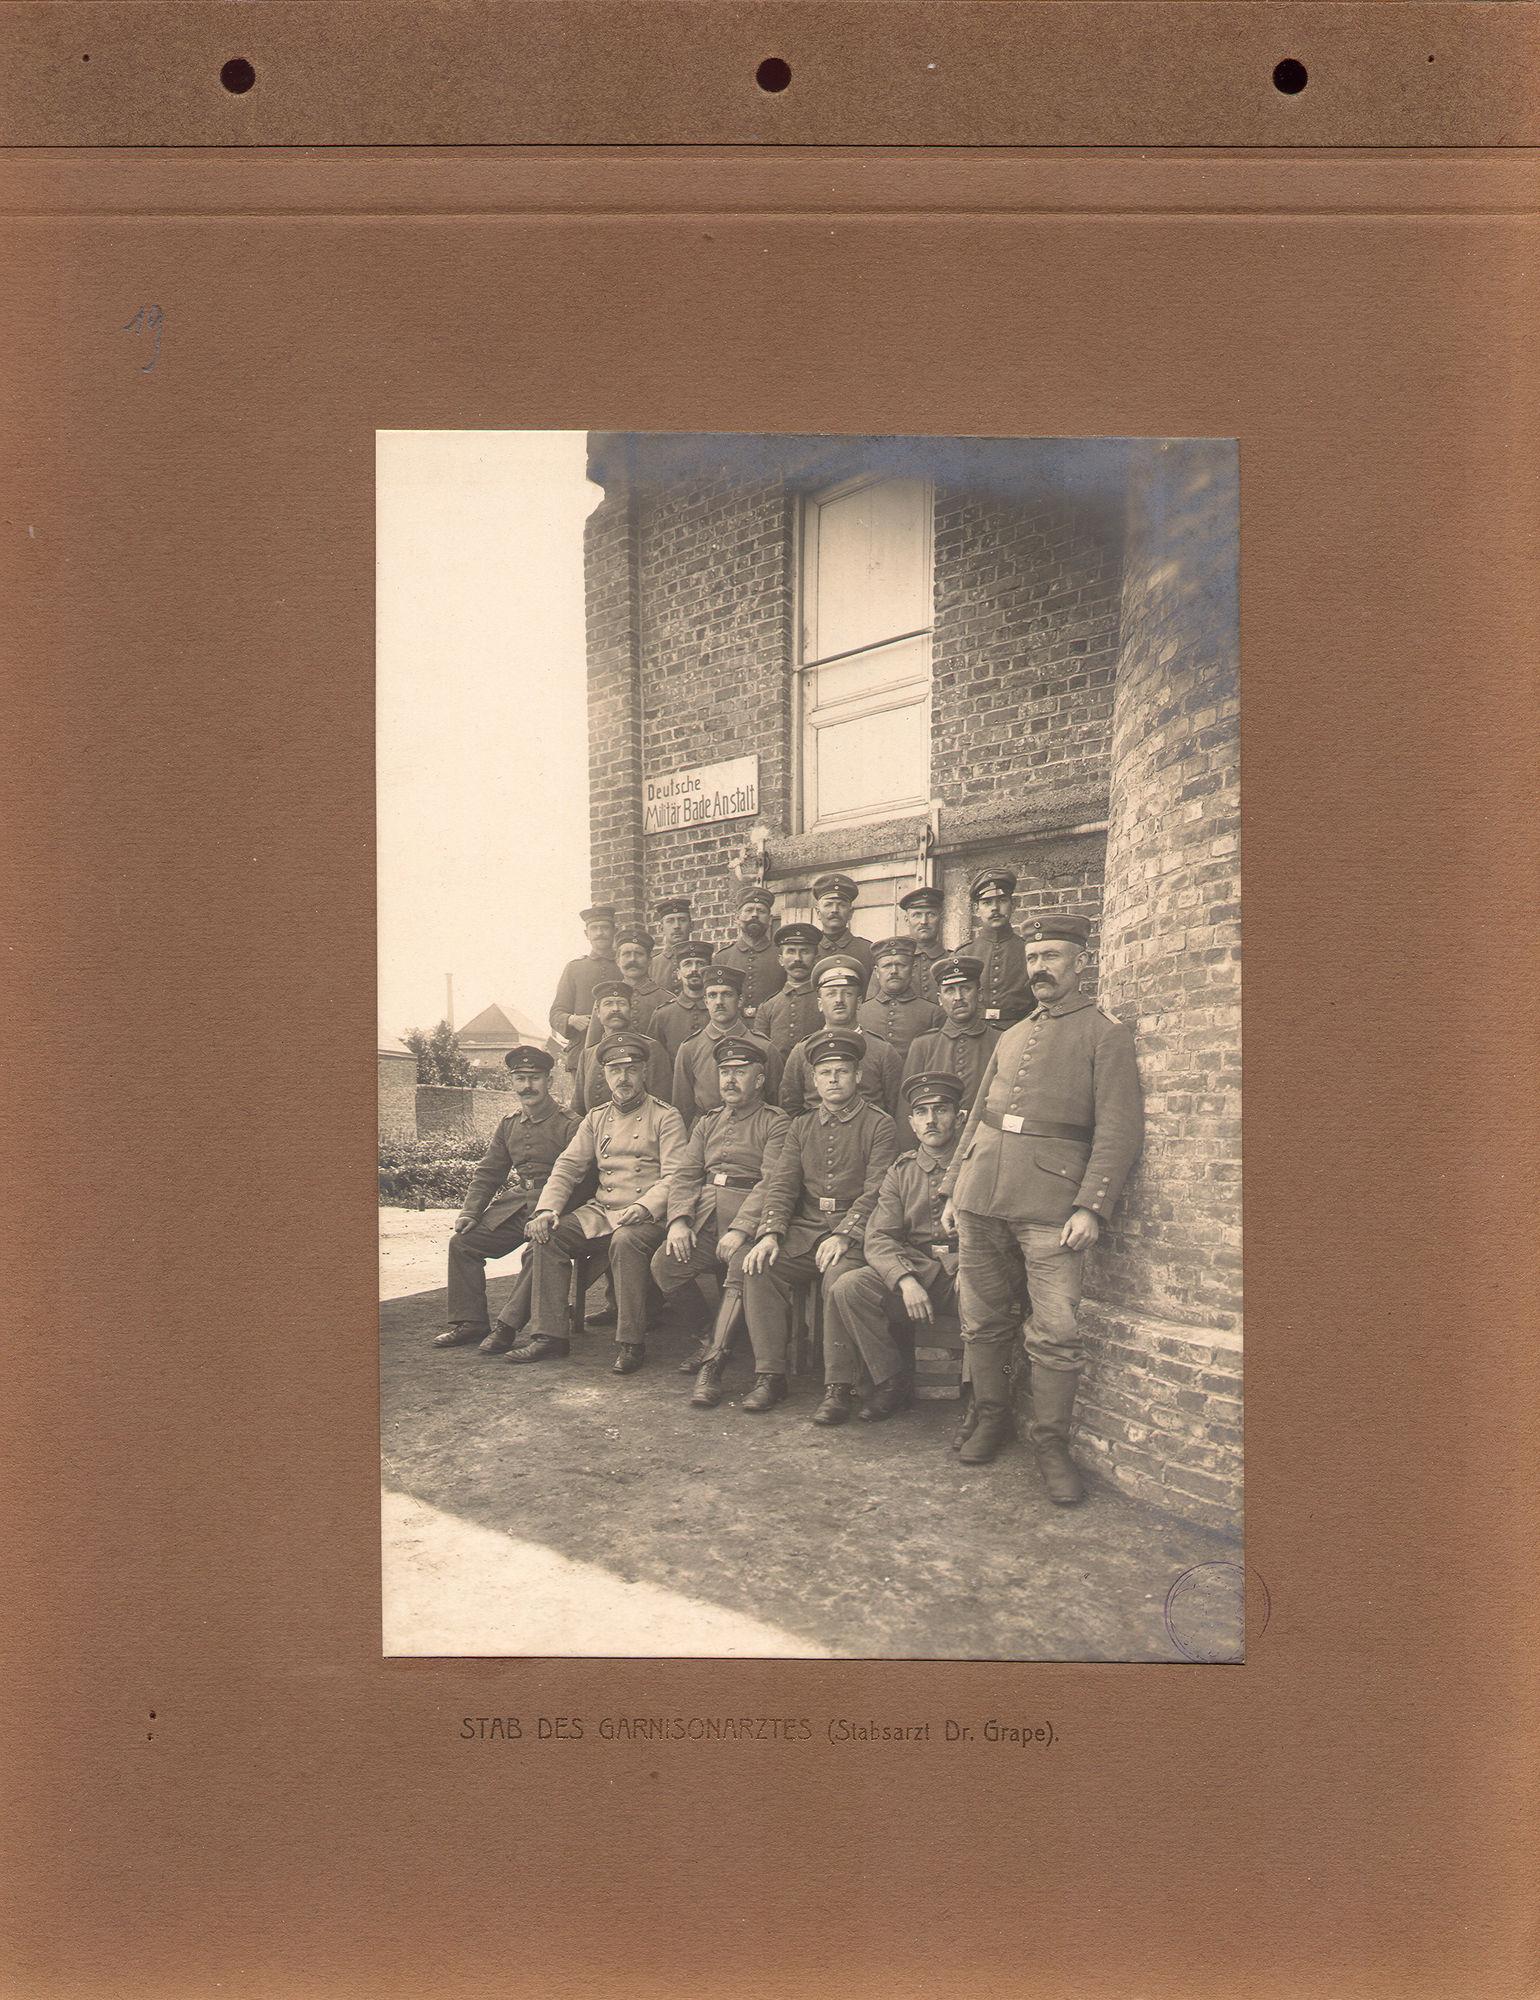 Duitse garnizoensarts tijdens Wereldoorlog I